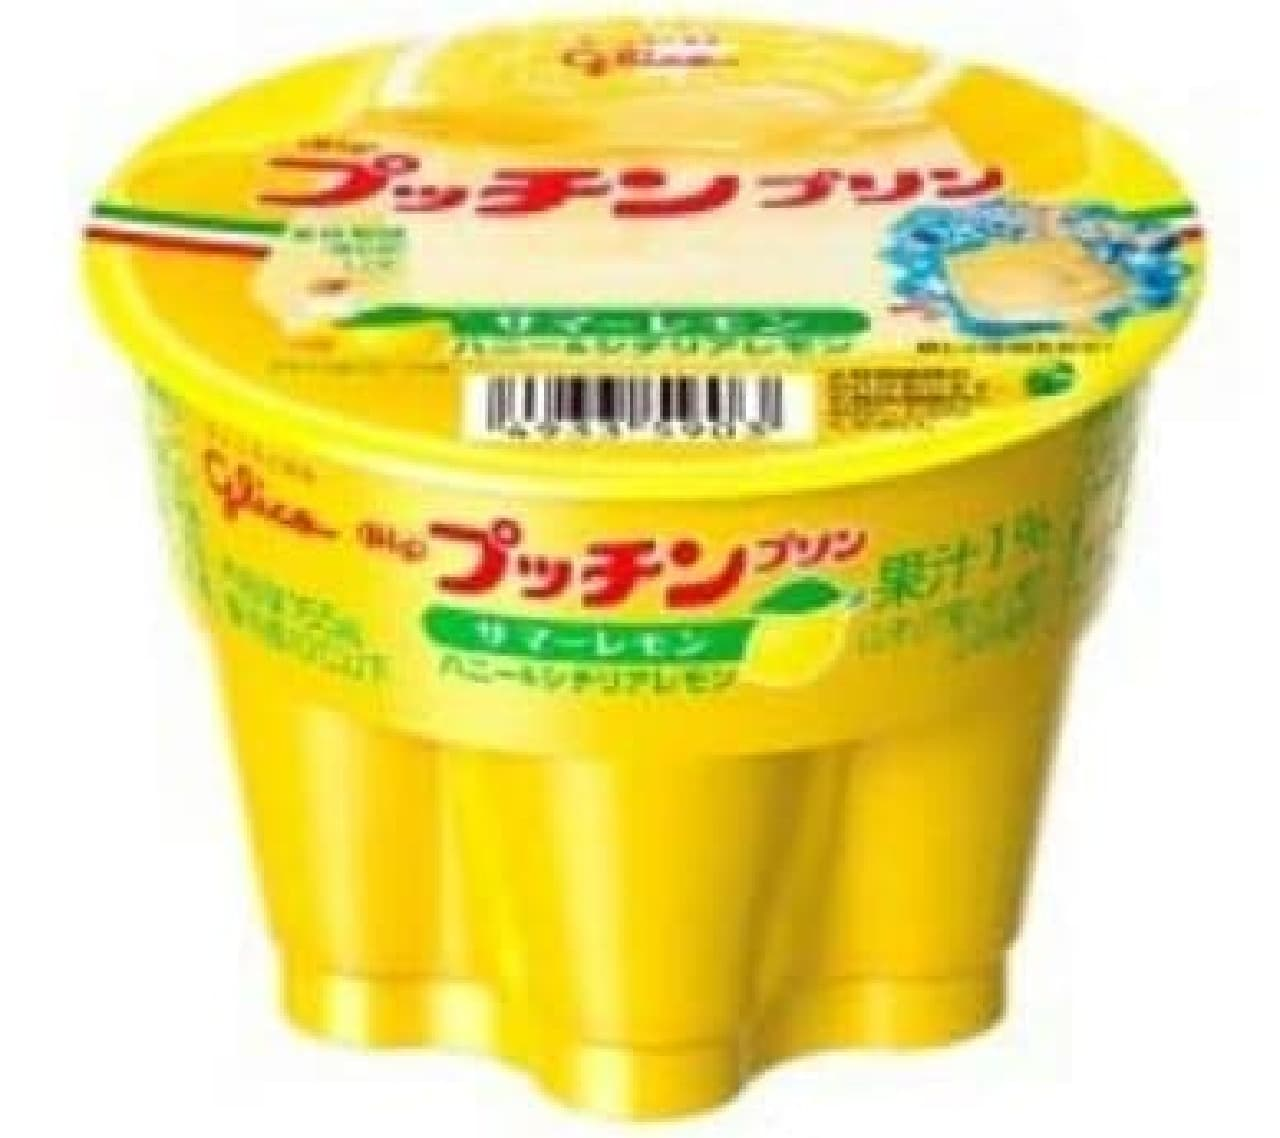 「Big プッチンプリン サマーレモン」